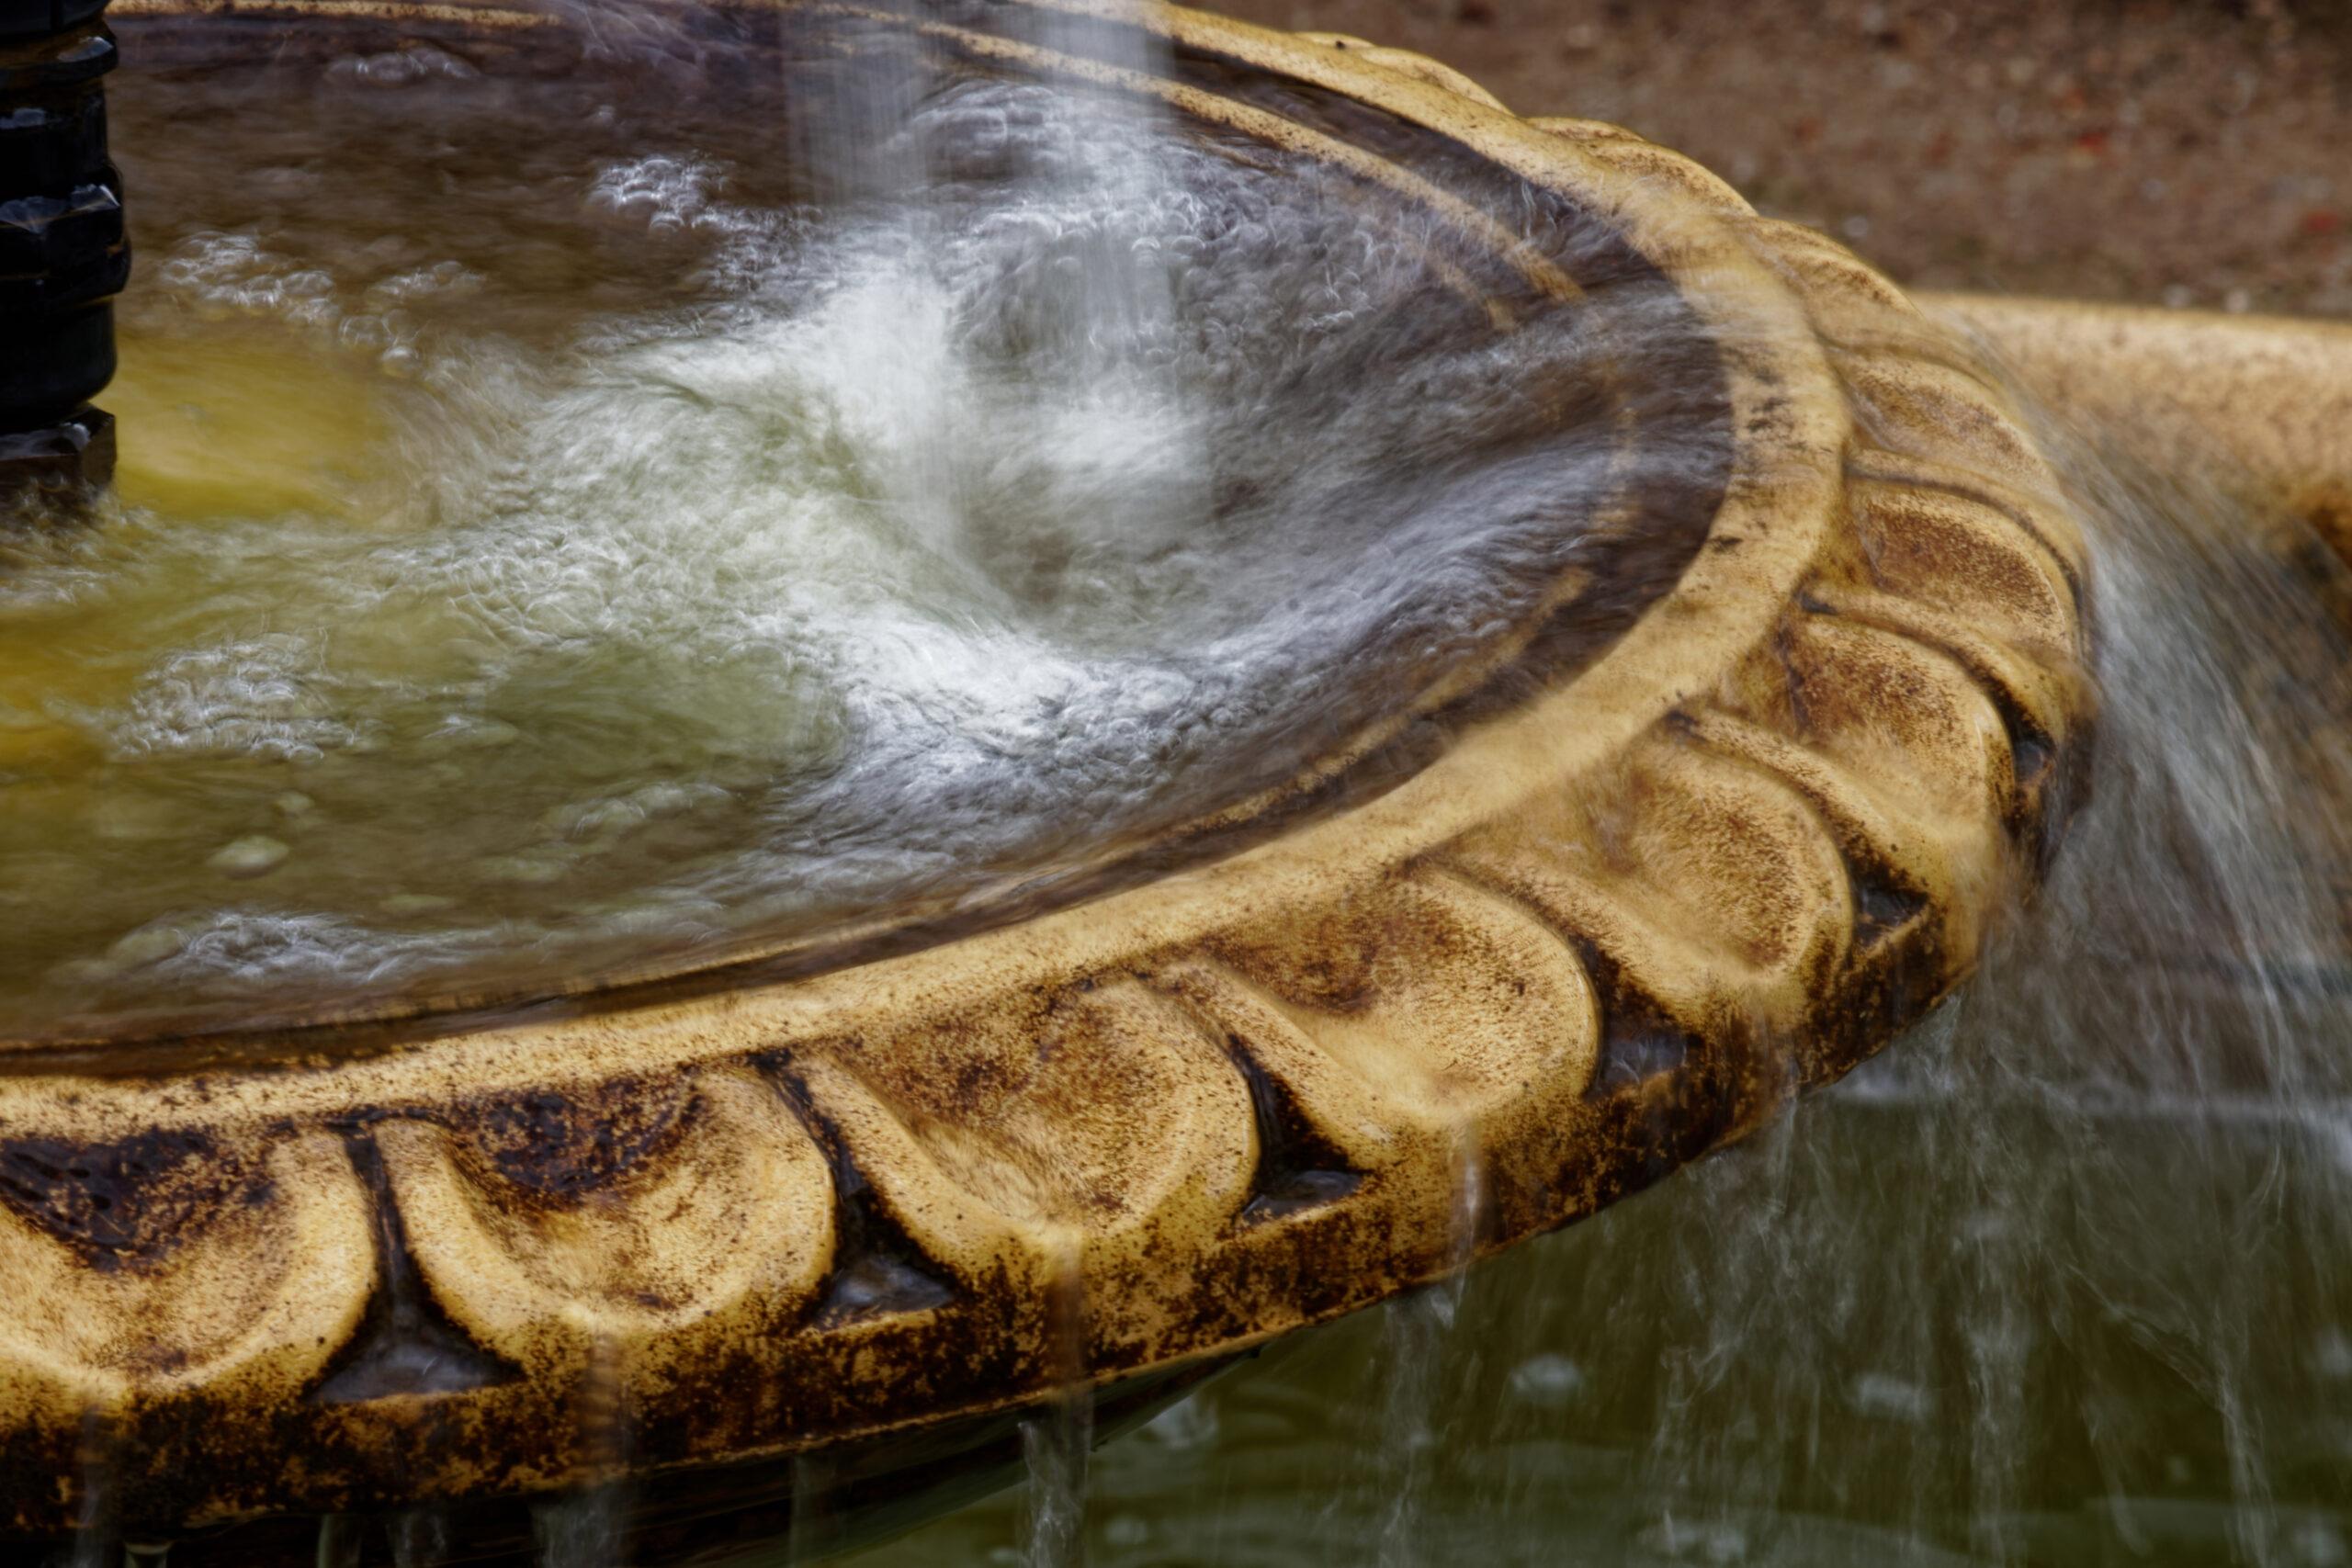 Bodo Jarren- Arboretum Ellerhoop 03.08.2021 - Am Brunnen